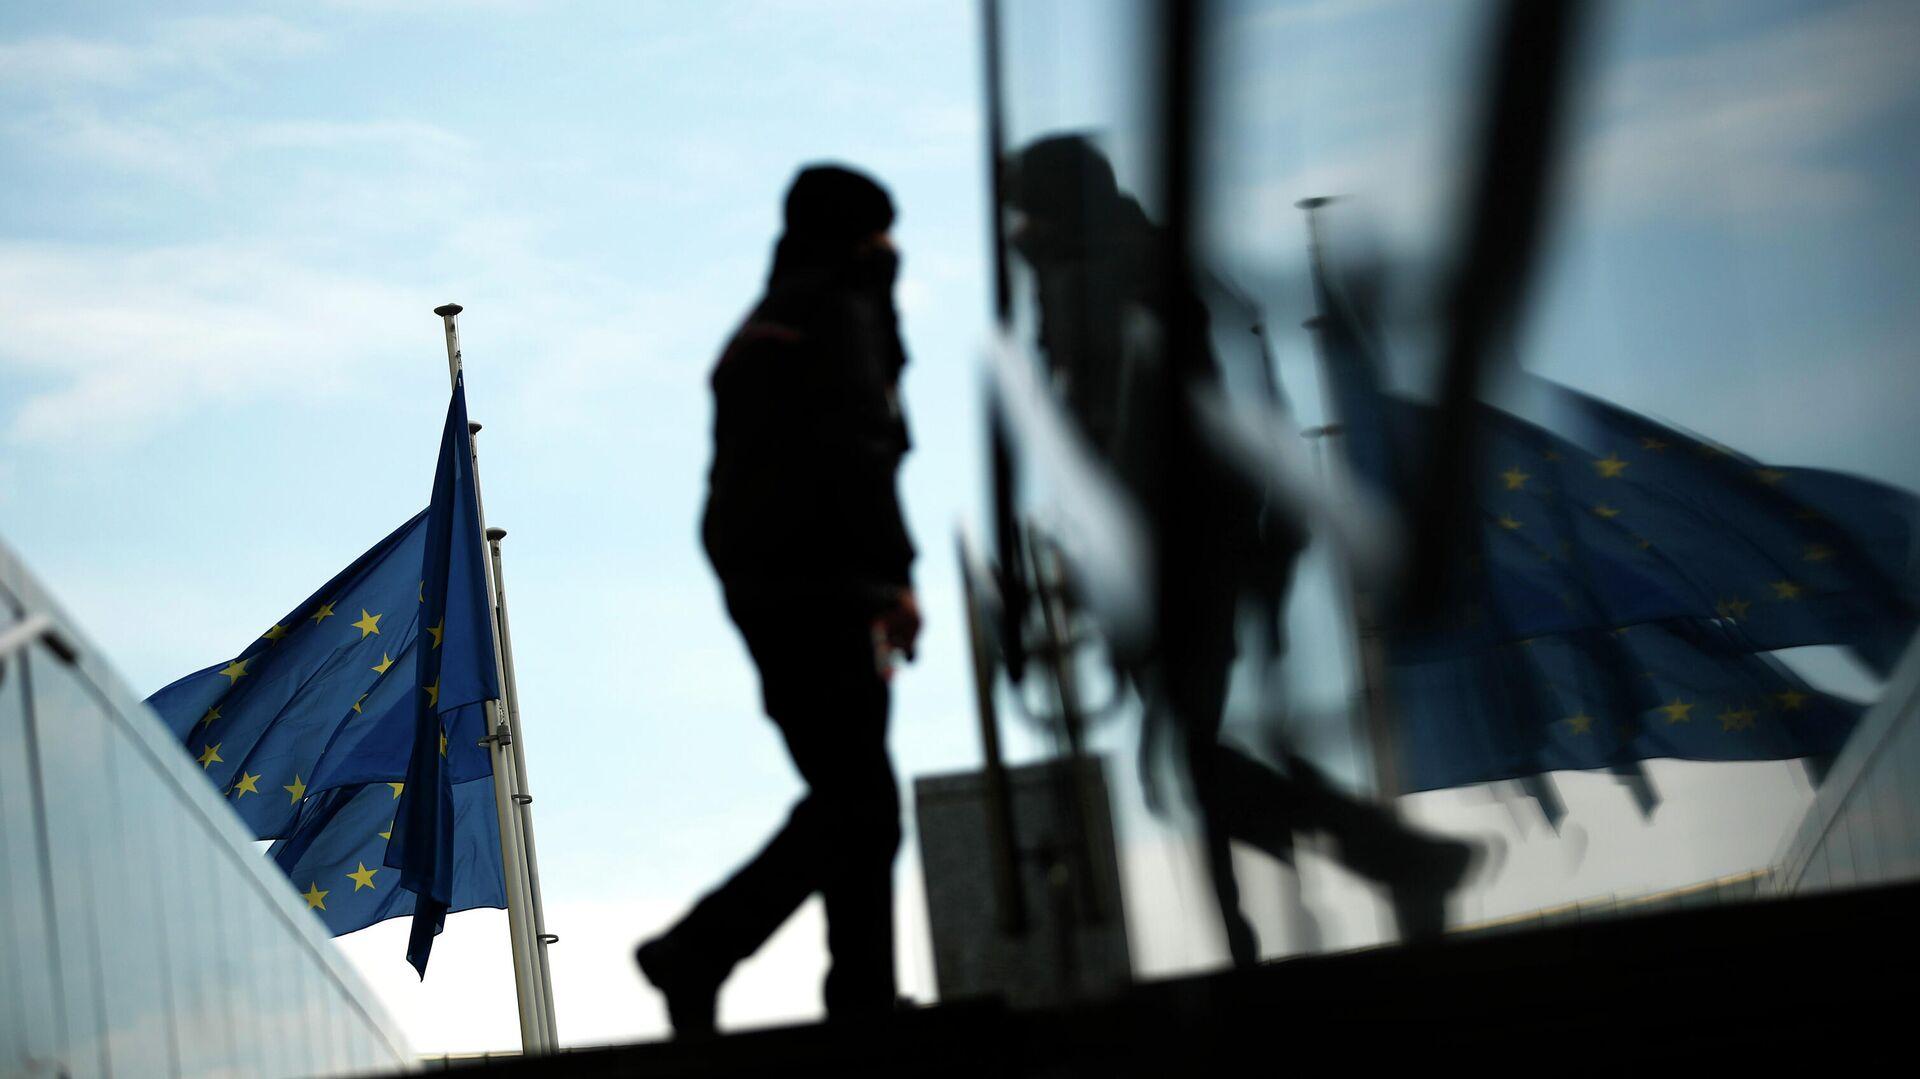 Прохожий возле штаб-квартиры Европейской комиссии в Брюсселе - РИА Новости, 1920, 09.12.2020